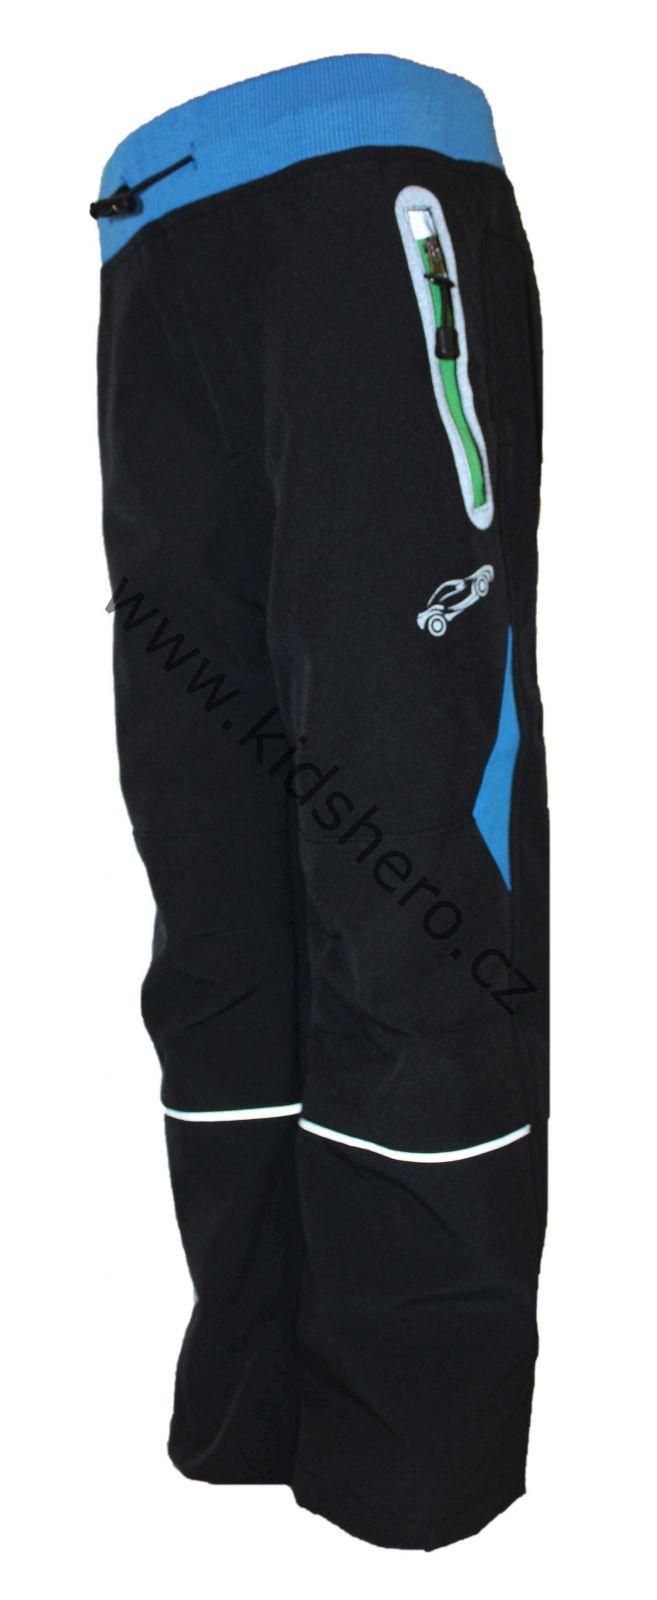 Dětské softshellové kalhoty KUGO, jarní kalhoty, podzimní kalhoty